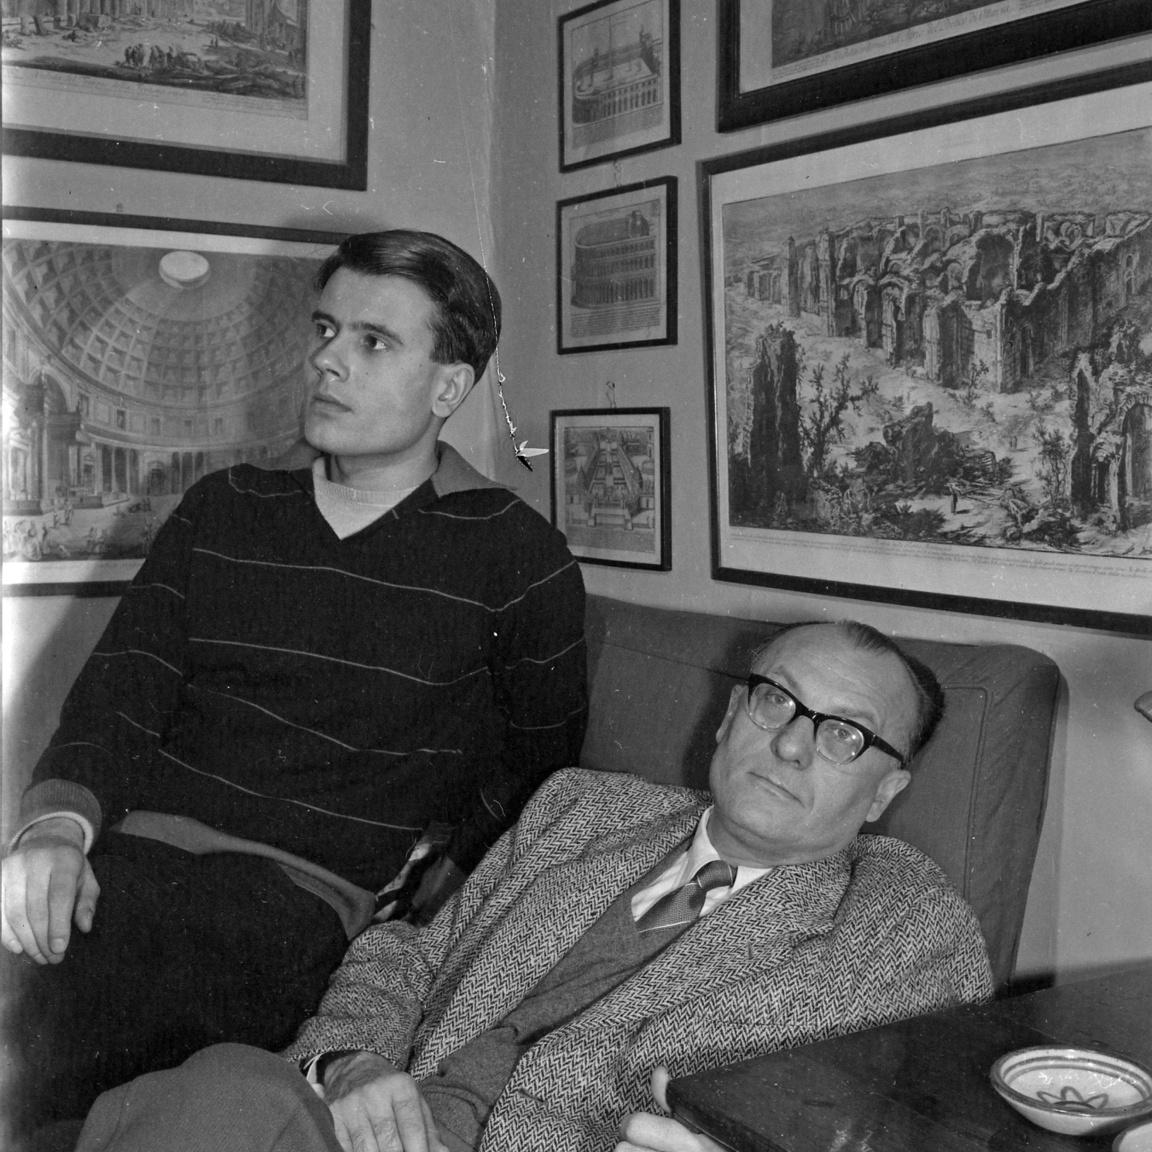 Apa és fia. A fiatal Csé András csak 1956-ban tudott apjához menekülni barátjával, Sárközi Mátyással. A hatvanas években ő is a BBC munkatársa volt.